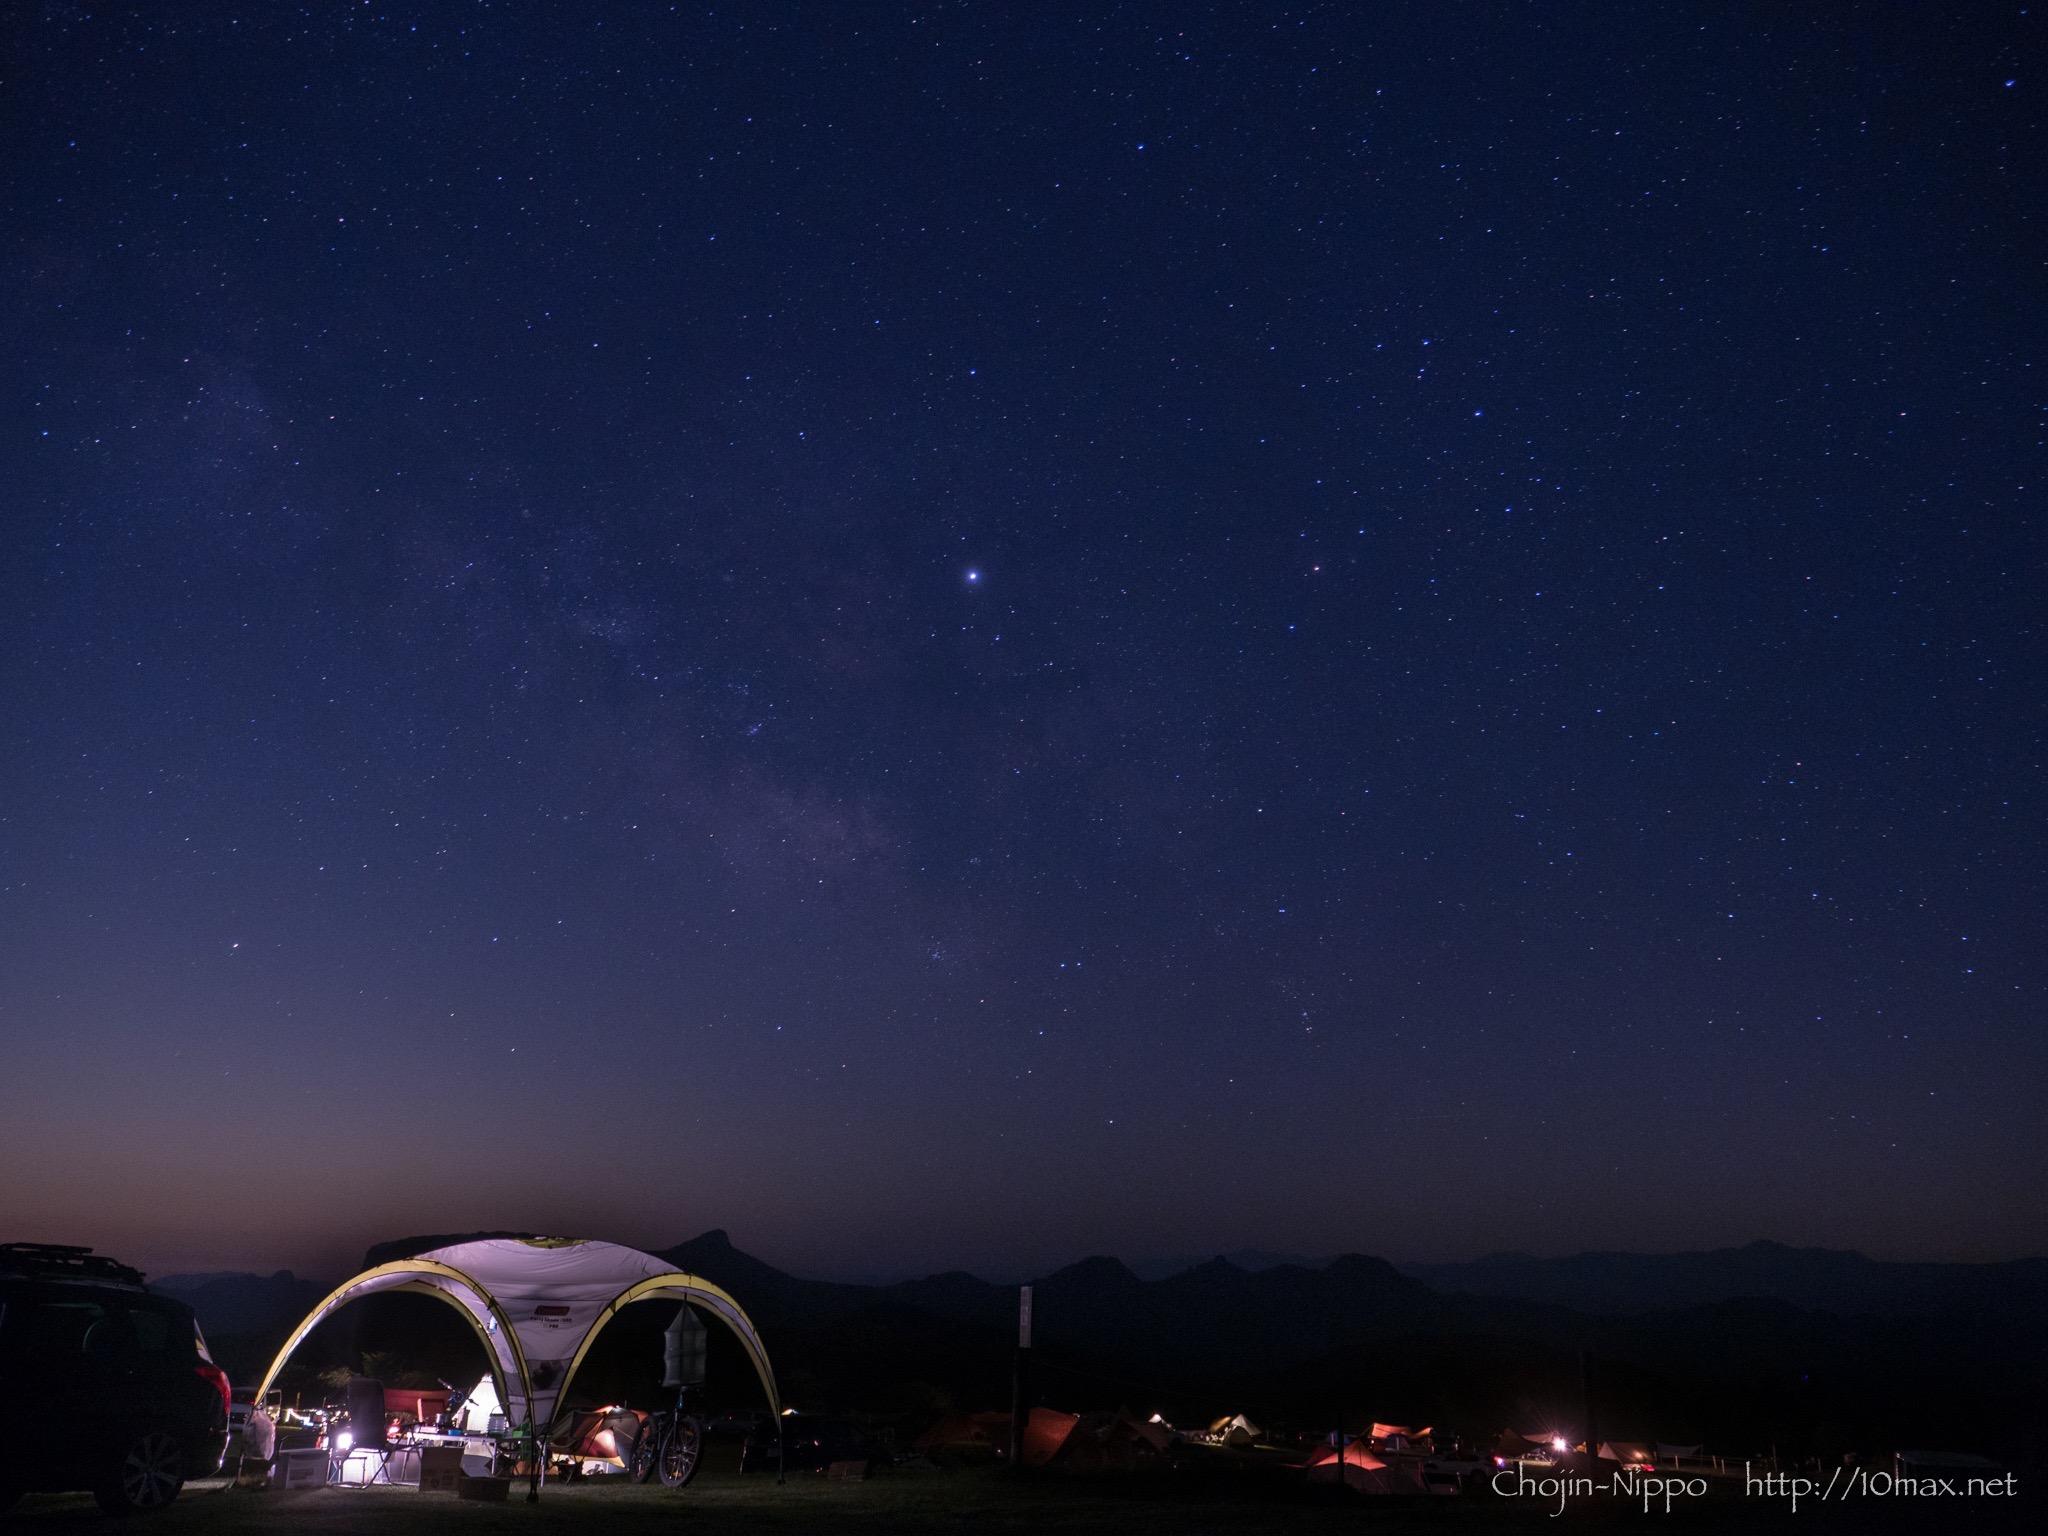 草原 キャンプ 場 星 の